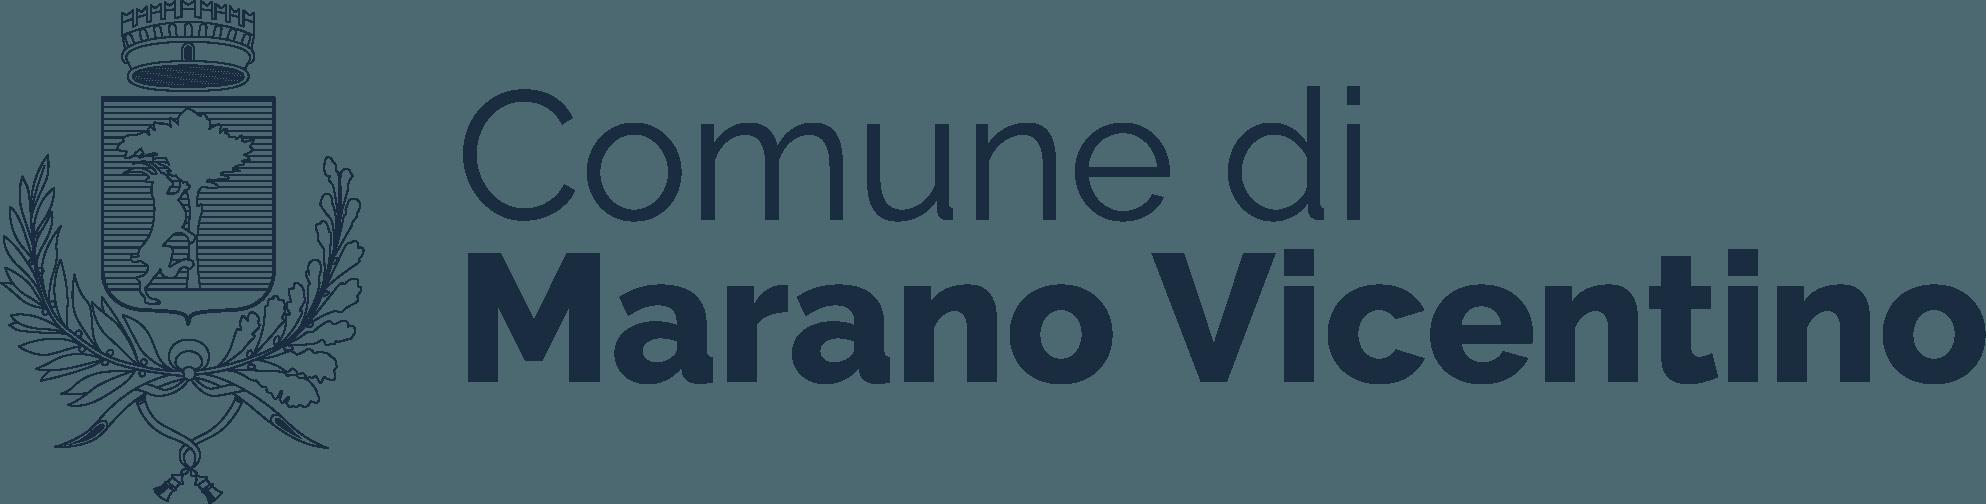 Comune di Marano Vicentino